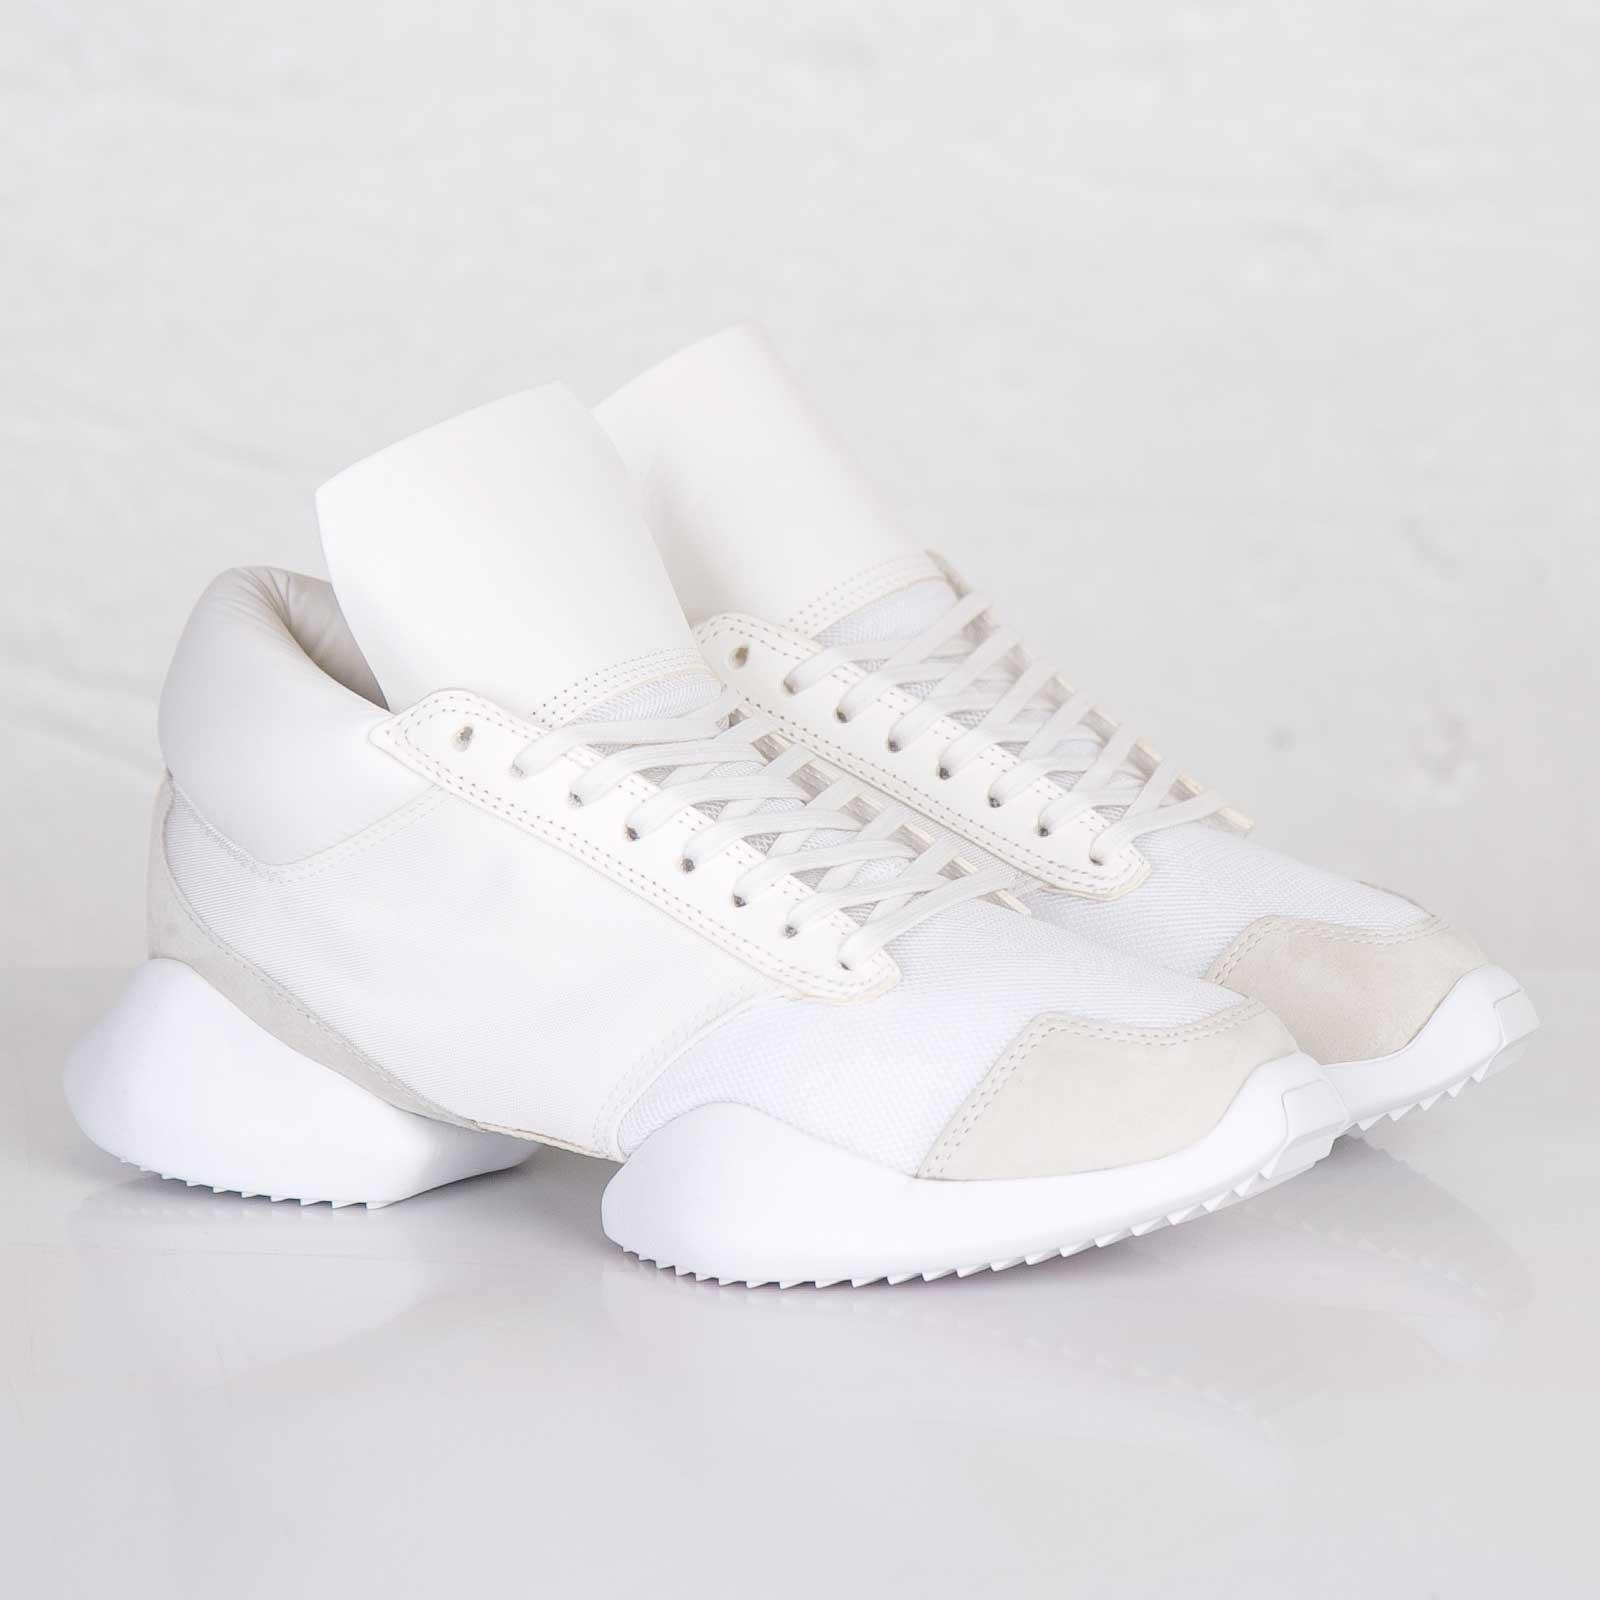 d8764a514ac0 Adidas X Rick Owens White Runners